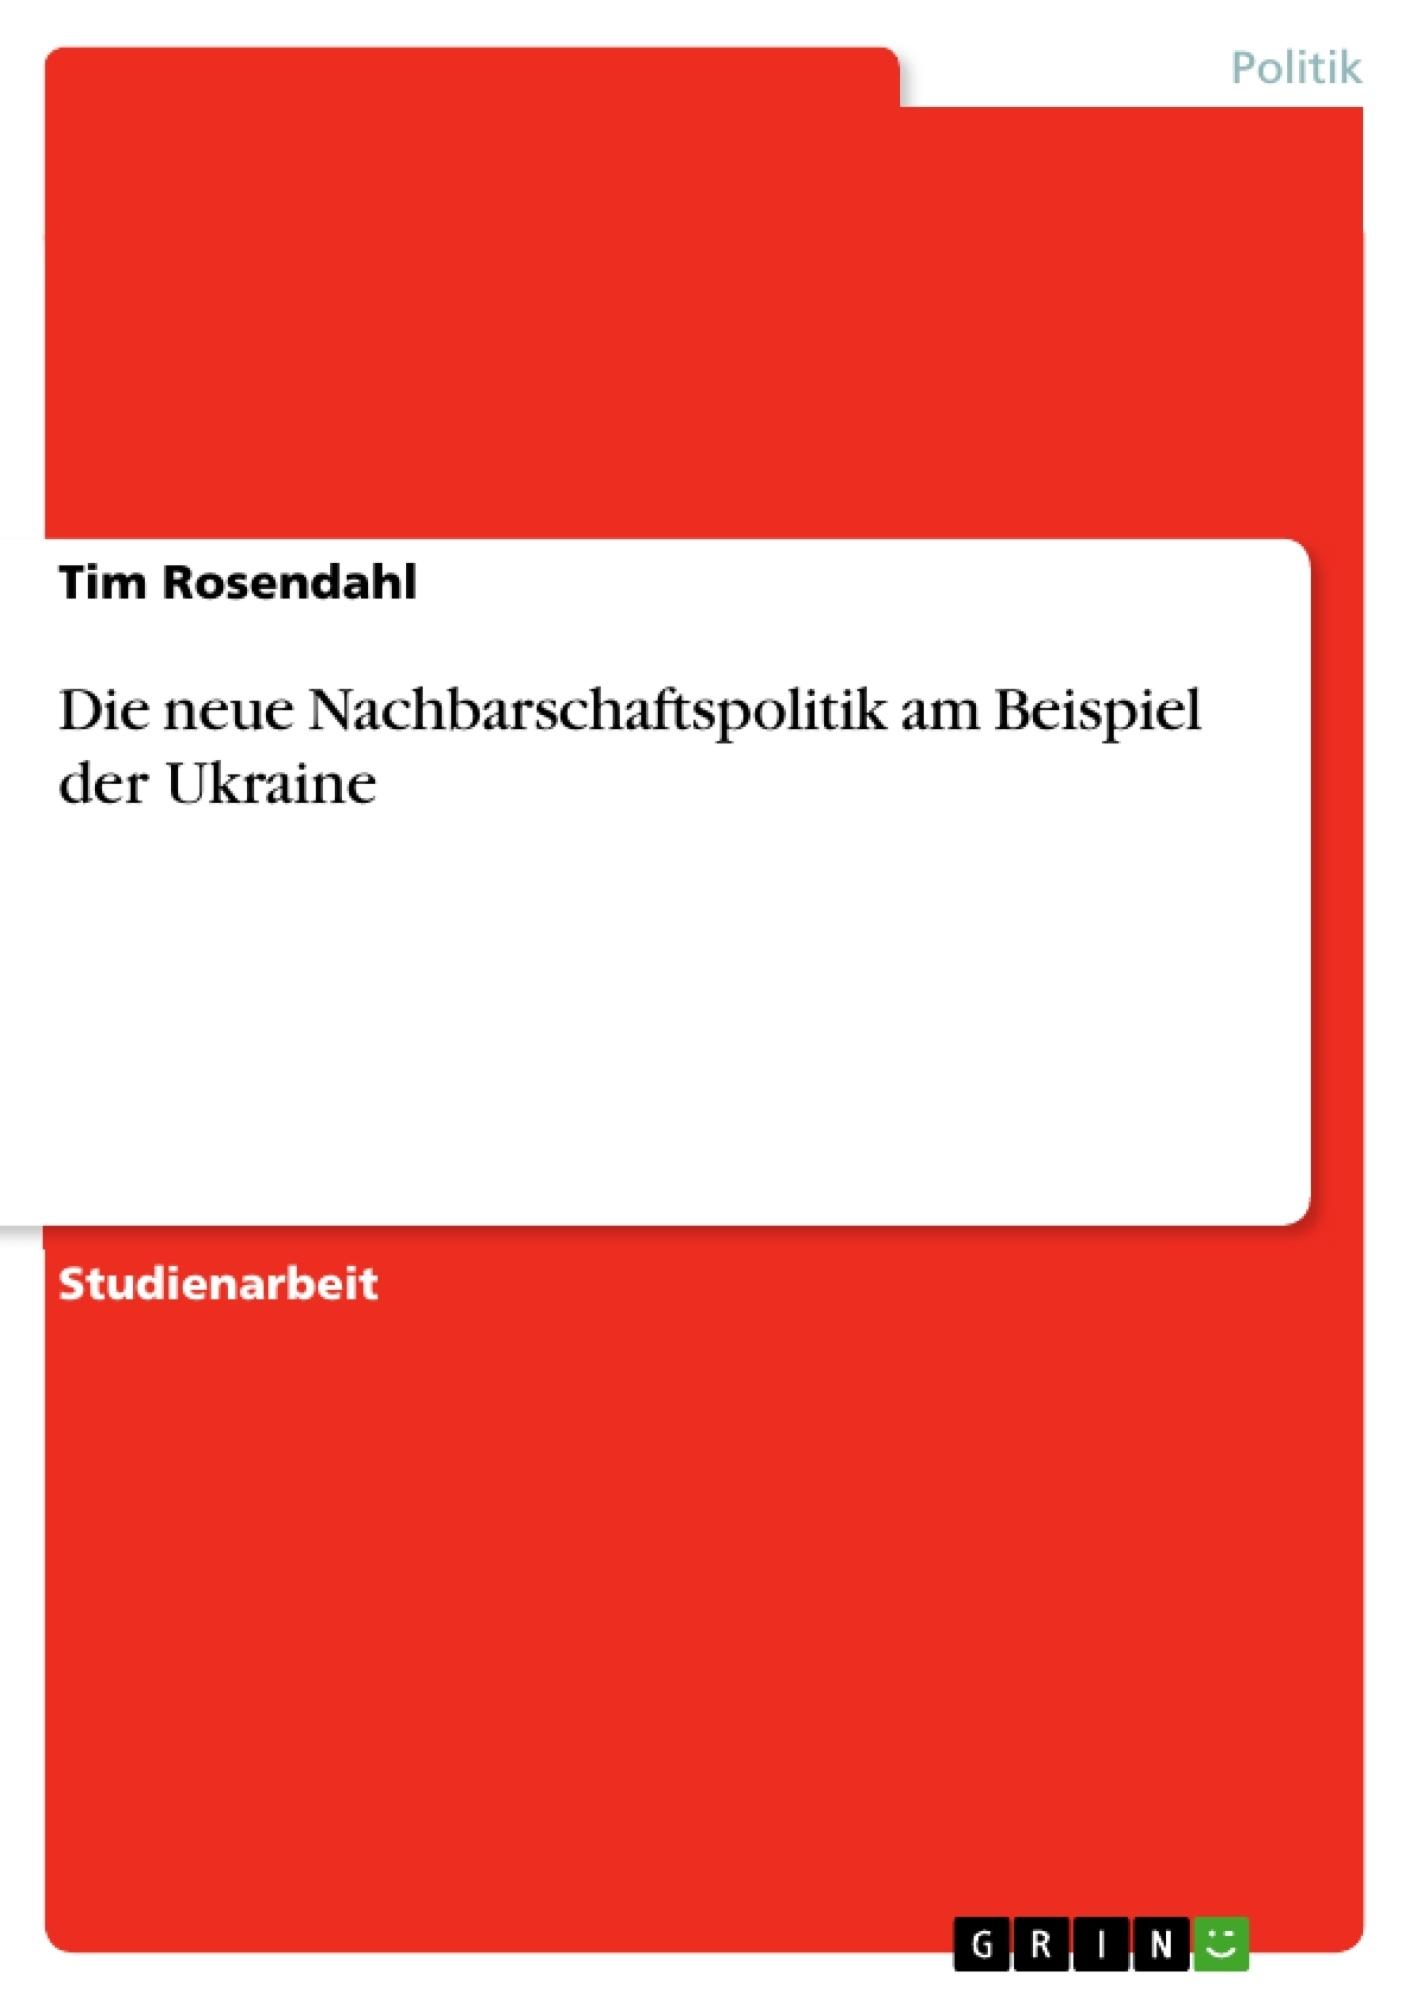 Titel: Die neue Nachbarschaftspolitik am Beispiel der Ukraine